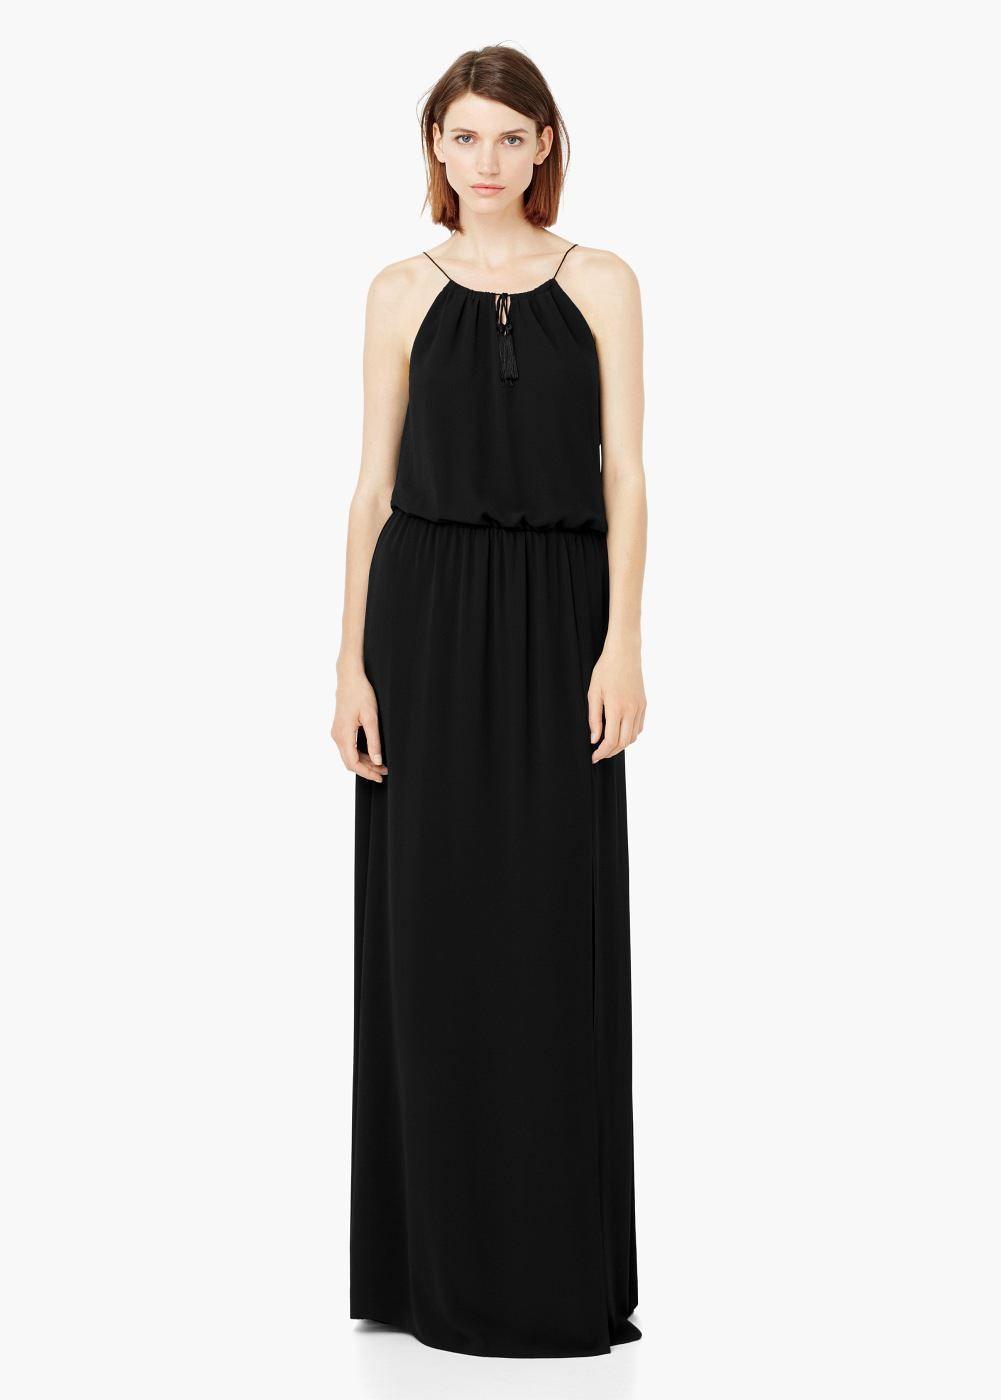 Langes, fließendes kleid -  Damen | MANGO